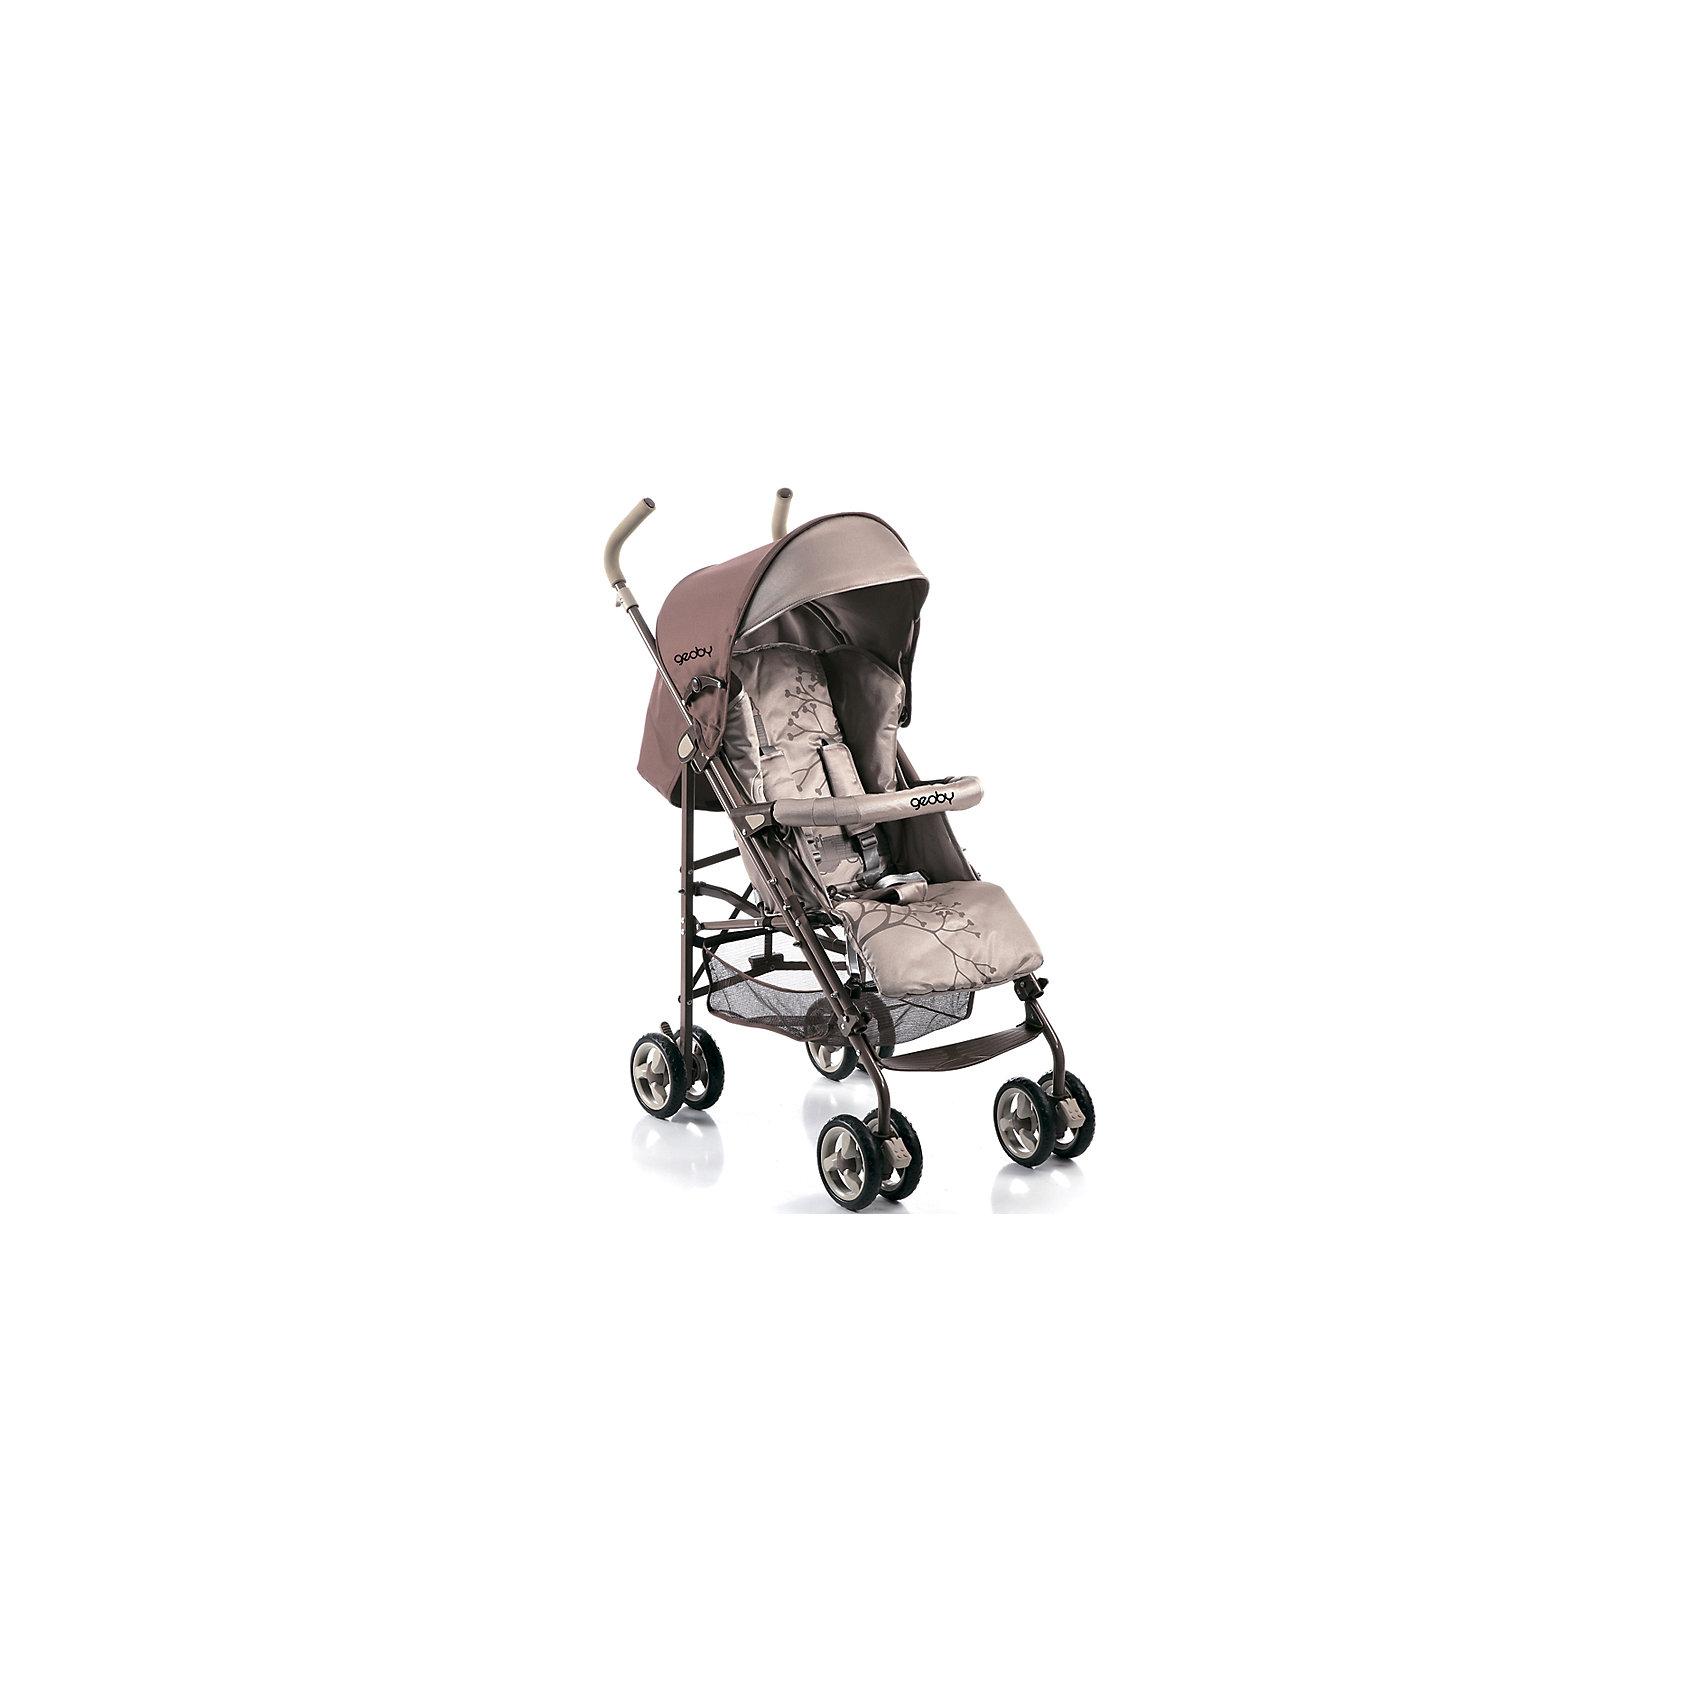 Коляска-трость 05D388W-F (R4KF), Geoby, бежевыйПрогулочная коляска D388W-F - отличный вариант для активных мам и малышей, она легкая, маневренная и в тоже время вместительная и уютная. Чехол для ножек и большой капюшон со смотровым окном обеспечат малышу тепло во время прогулок. Двойные поворотные колеса делают коляску маневренной и легкой в управлении. В случае необходимости колеса можно закрепить фиксатором. Трехточечные ремни безопасности и съемный мягкий поручень позволят маме расслабиться и не волноваться о малыше, ведь его безопасность под контролем надежной системы защиты.<br><br>Дополнительная информация:<br><br>Плавное регулирование спинки до положения лежа.<br>Жесткая спинка с мягкой набивкой.<br>Утепленный чехол на ножки.<br>Передние плавающие колеса с фиксатором.<br>3-х точечный ремень безопасности.<br>Съемное ограничительный бампер.<br>Увеличенный тент со смотровым окном.<br>Вместительная багажная корзина.<br>Размер коляски D388W:<br>В сложенном виде, В/Ш/Д - 105/47/85 см.<br>Диаметр колёс – 15,5 см.<br>В комплекте: москитная сетка, дождевик, полог<br><br>Коляску-трость 05D388W-F (R4KF), Geoby (Геоби), бежевый можно купить в нашем магазине.<br><br>Ширина мм: 295<br>Глубина мм: 275<br>Высота мм: 1090<br>Вес г: 10200<br>Цвет: бежевый<br>Возраст от месяцев: 6<br>Возраст до месяцев: 36<br>Пол: Унисекс<br>Возраст: Детский<br>SKU: 4640539